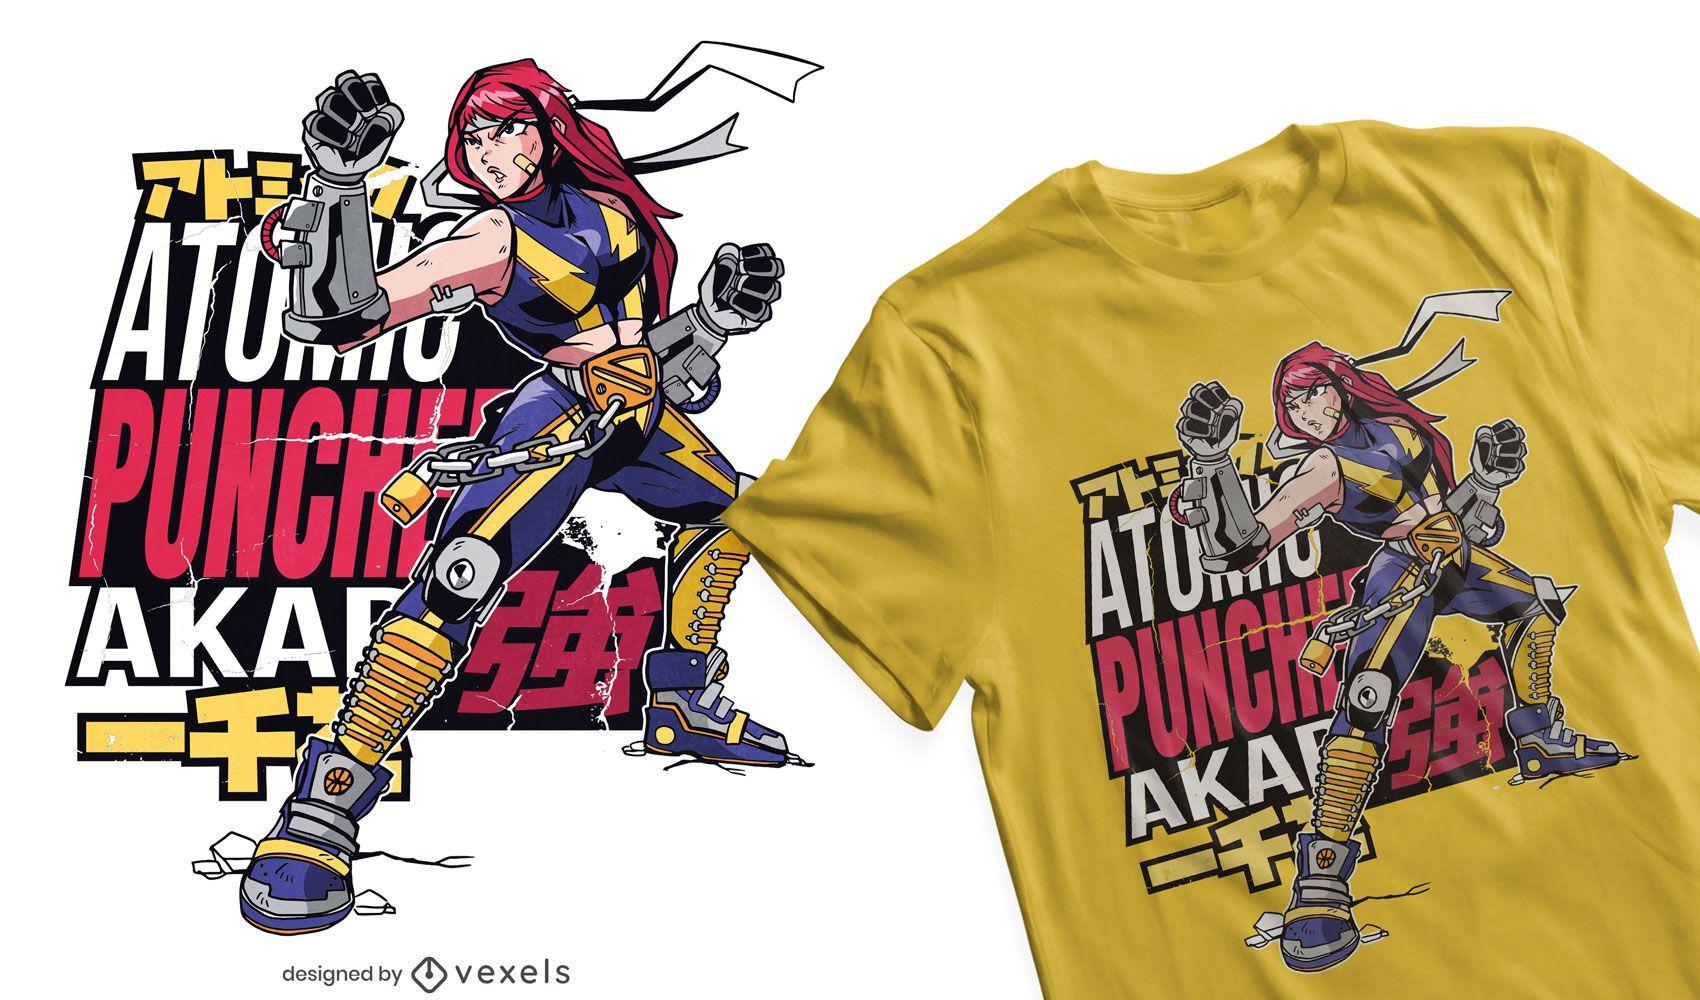 Anime fight girl t-shirt design